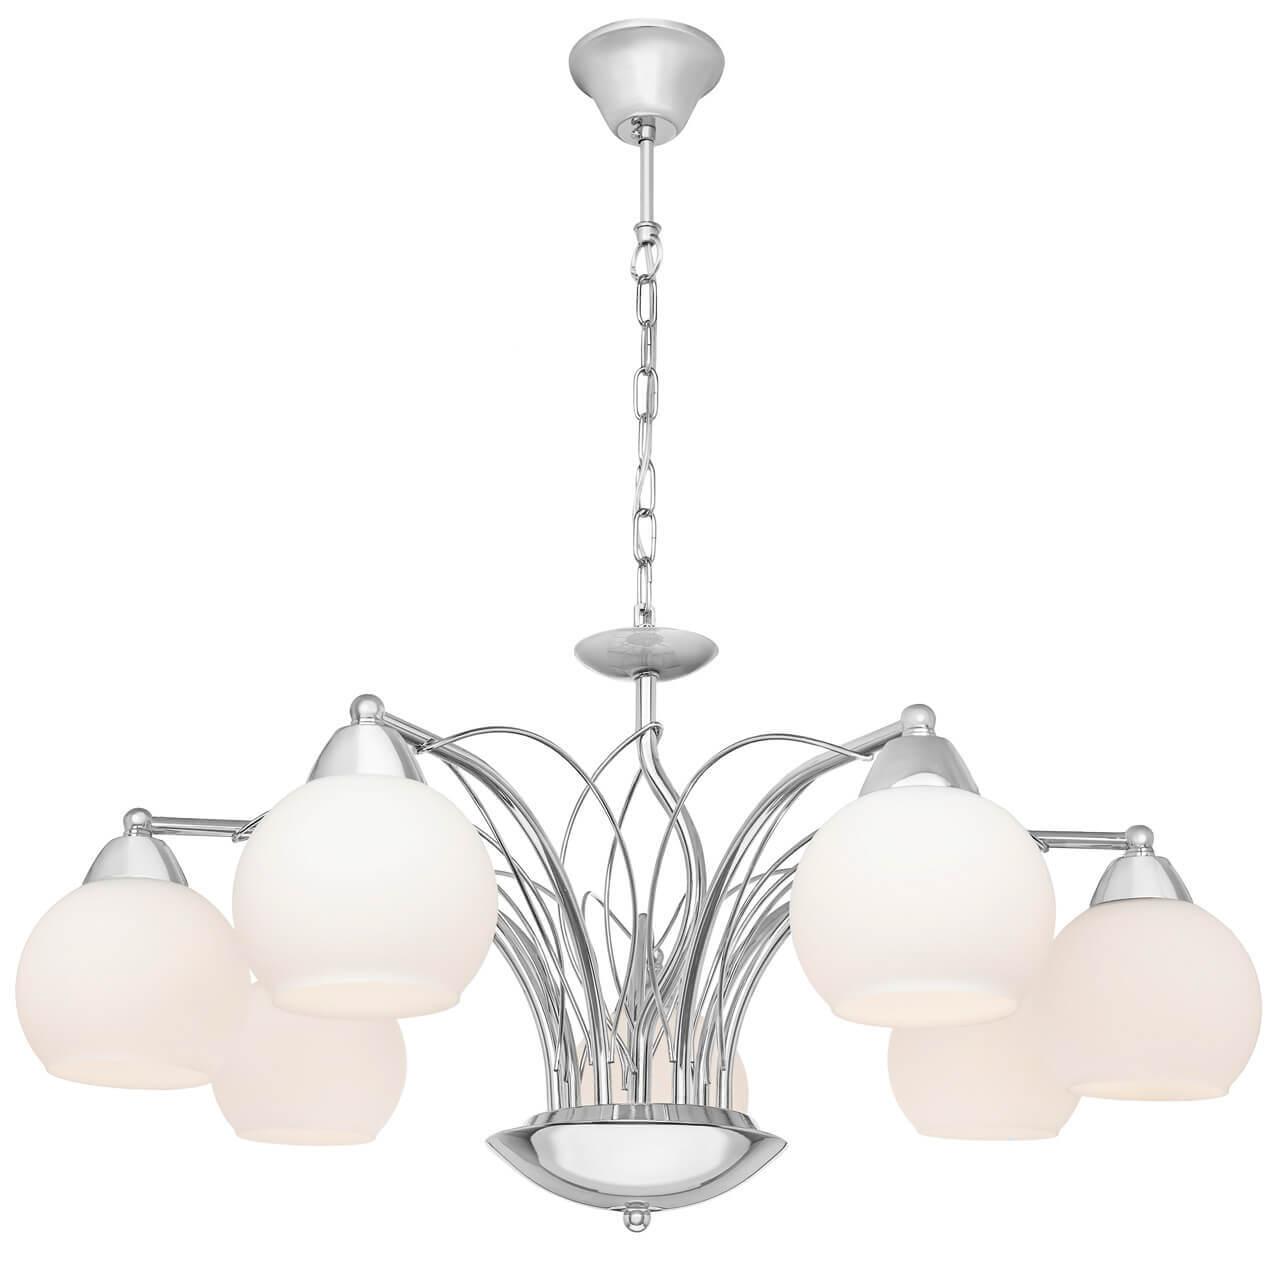 купить Подвесная люстра Silver Light Adele 138.54.7 дешево